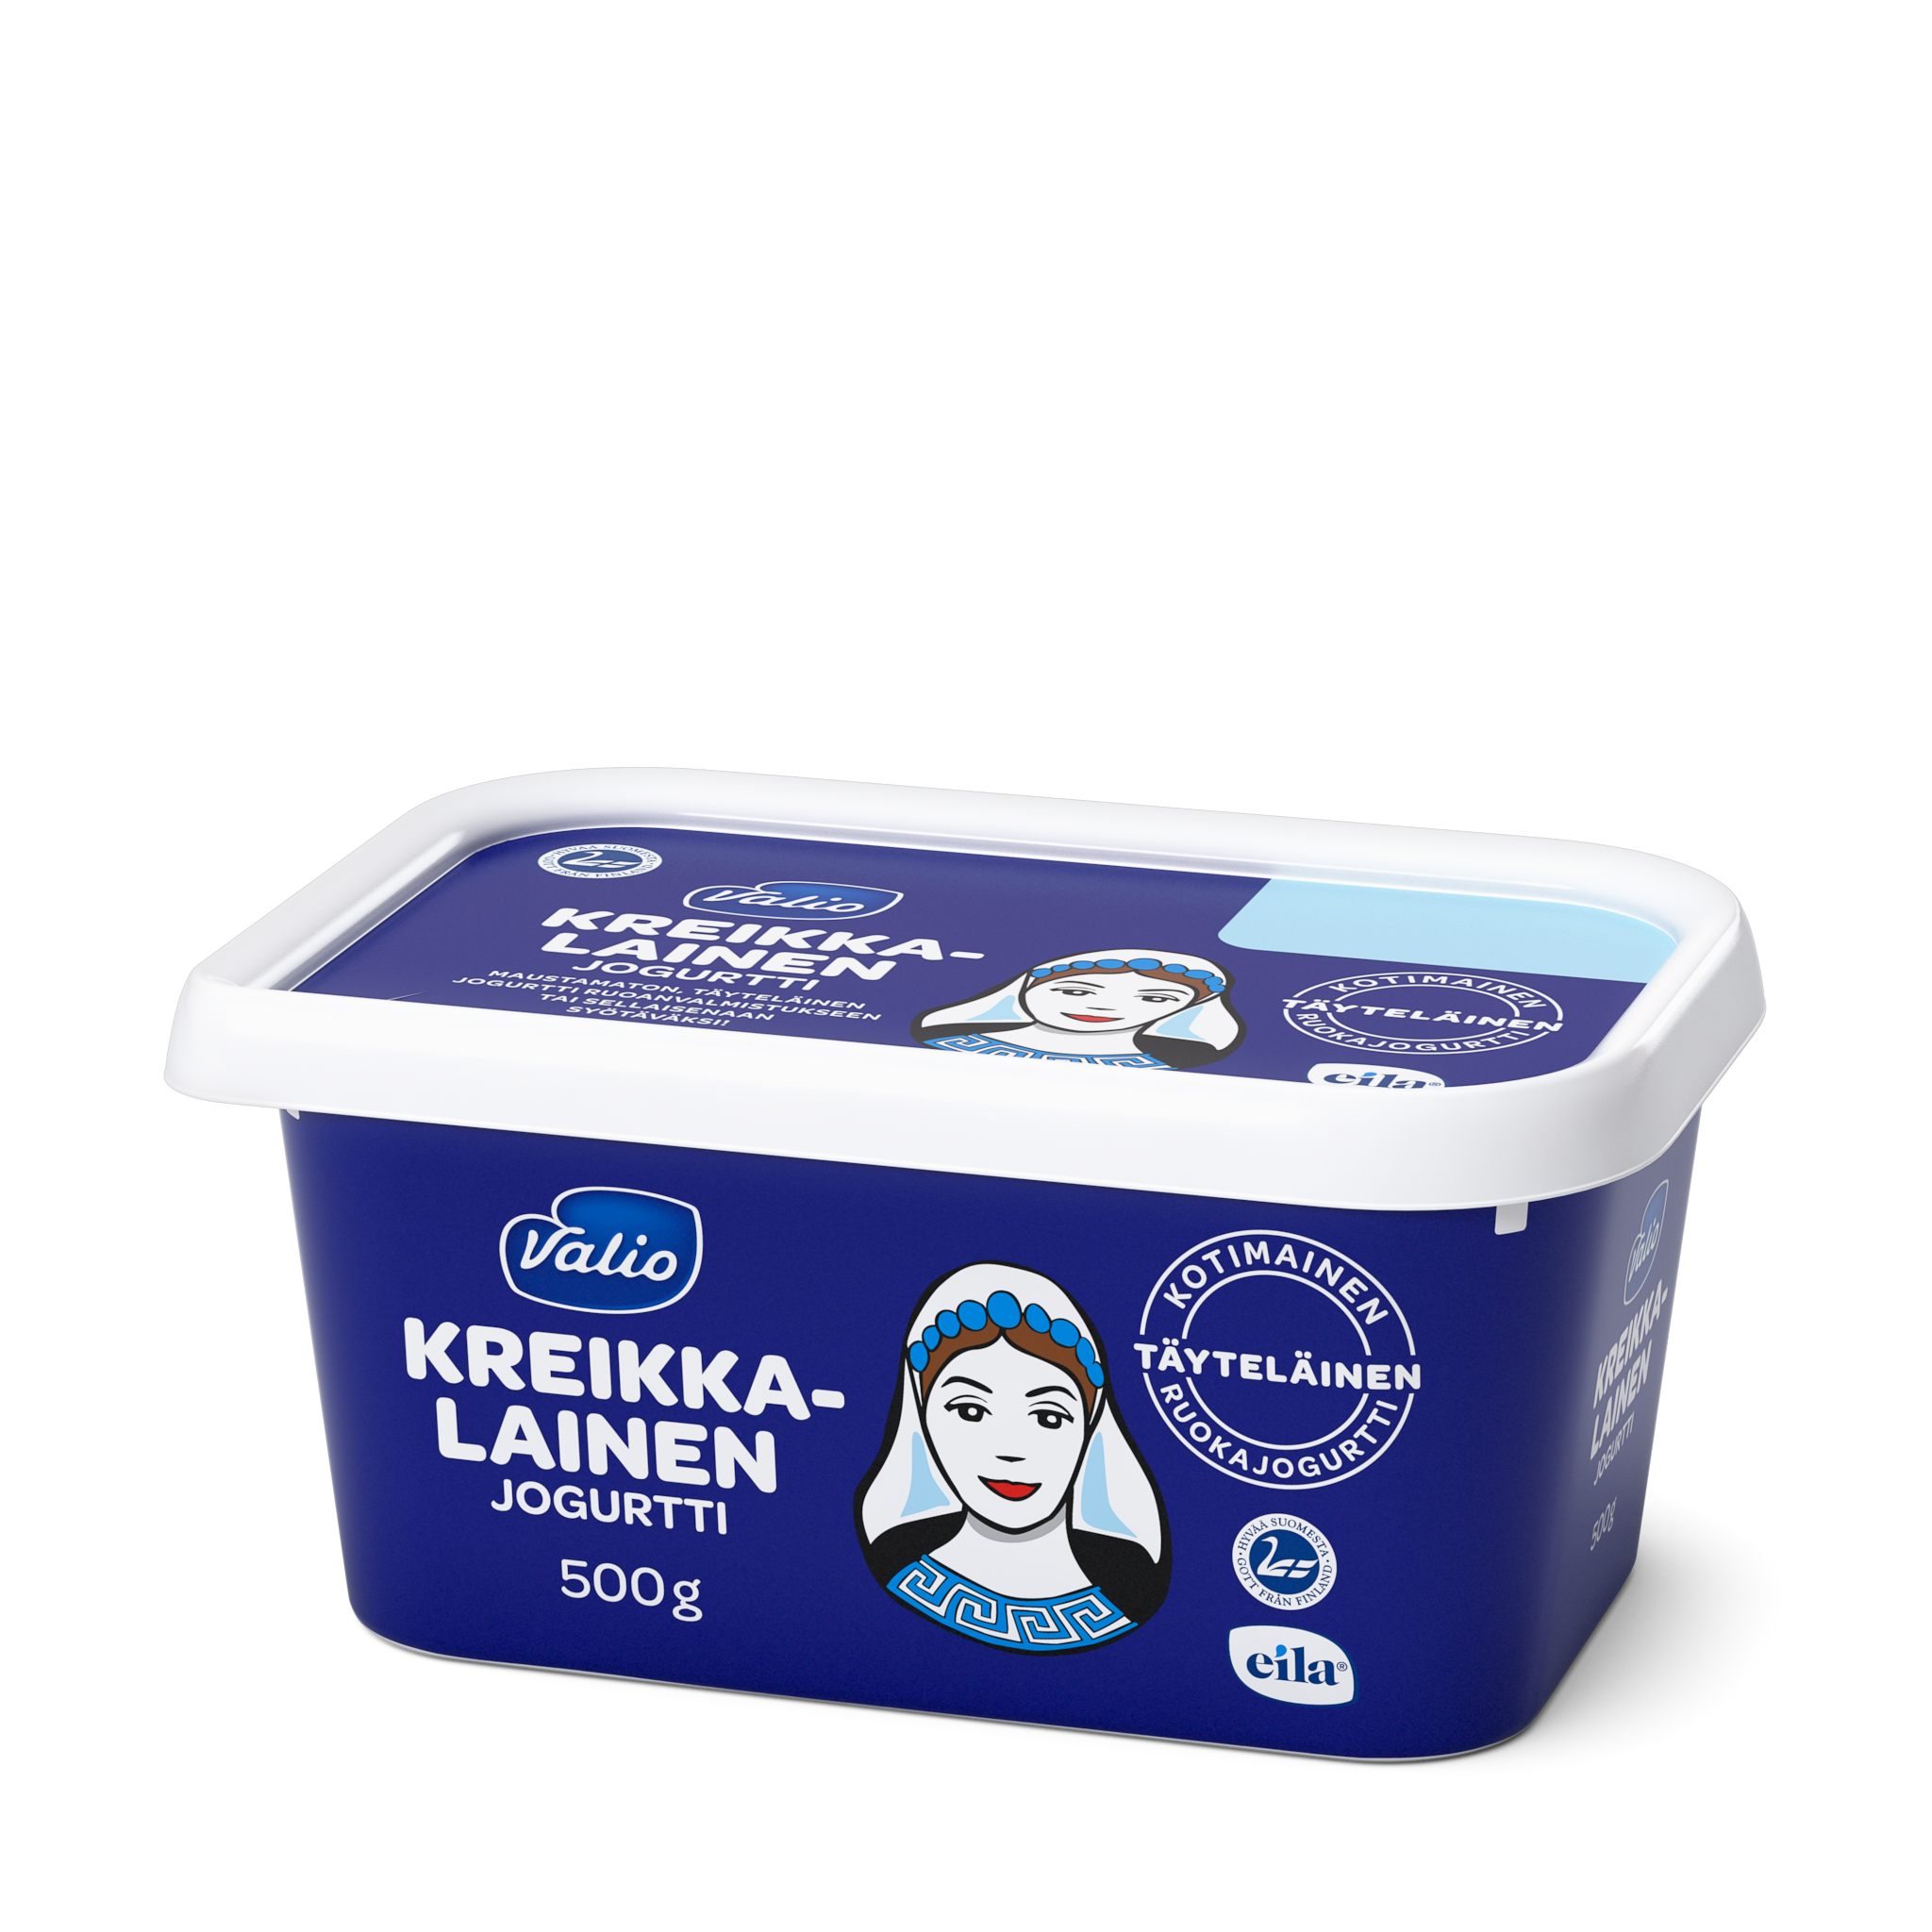 Valio kreikkalainen jogurtti